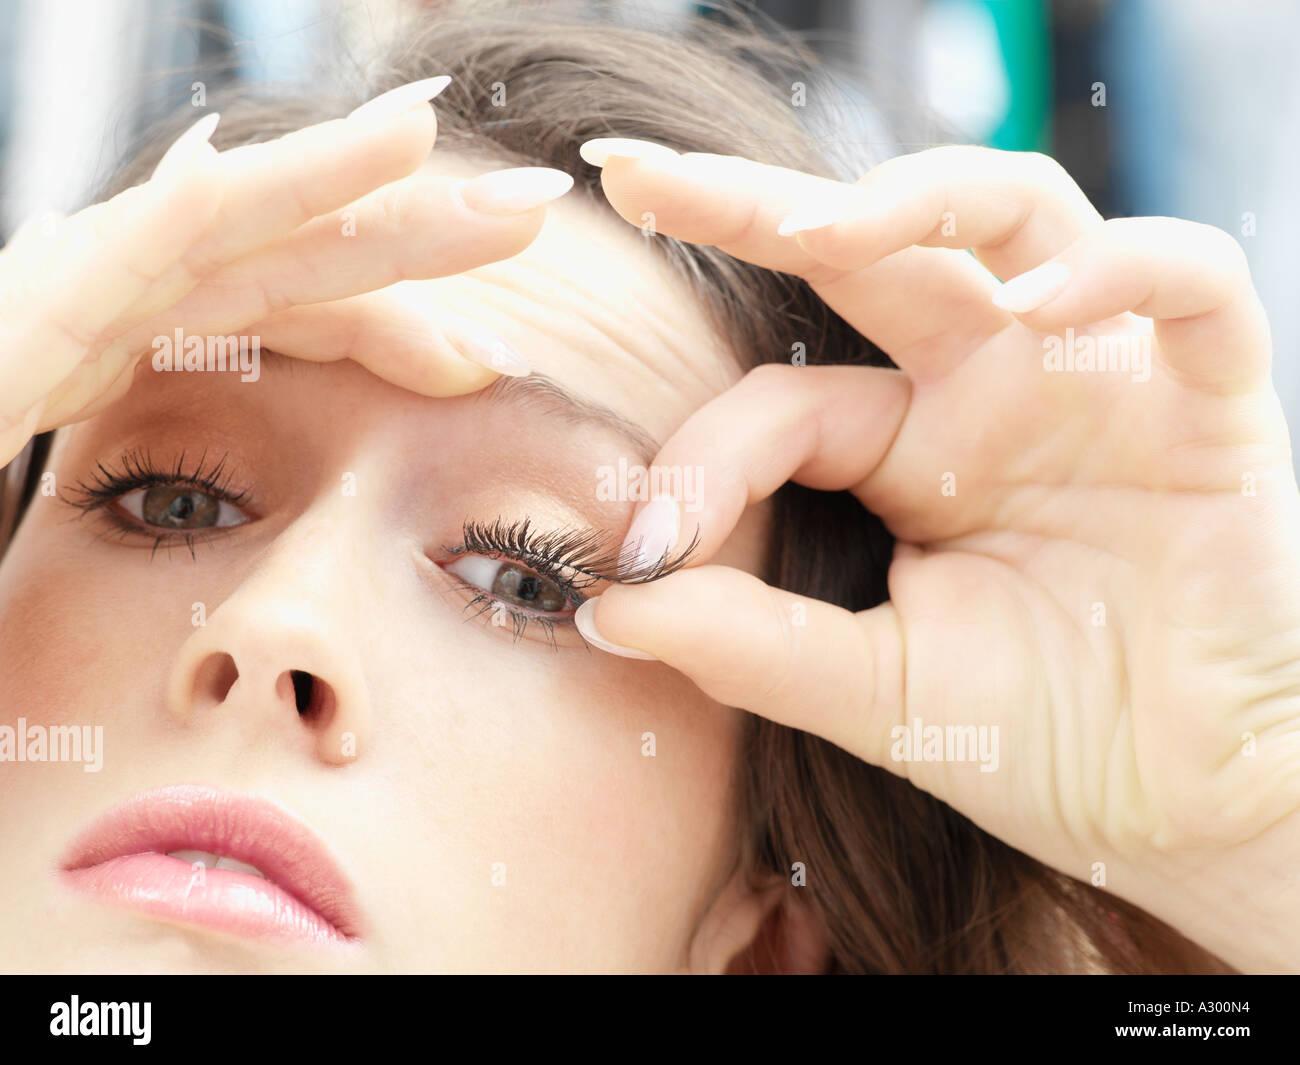 Woman applying fake eyelashes - Stock Image